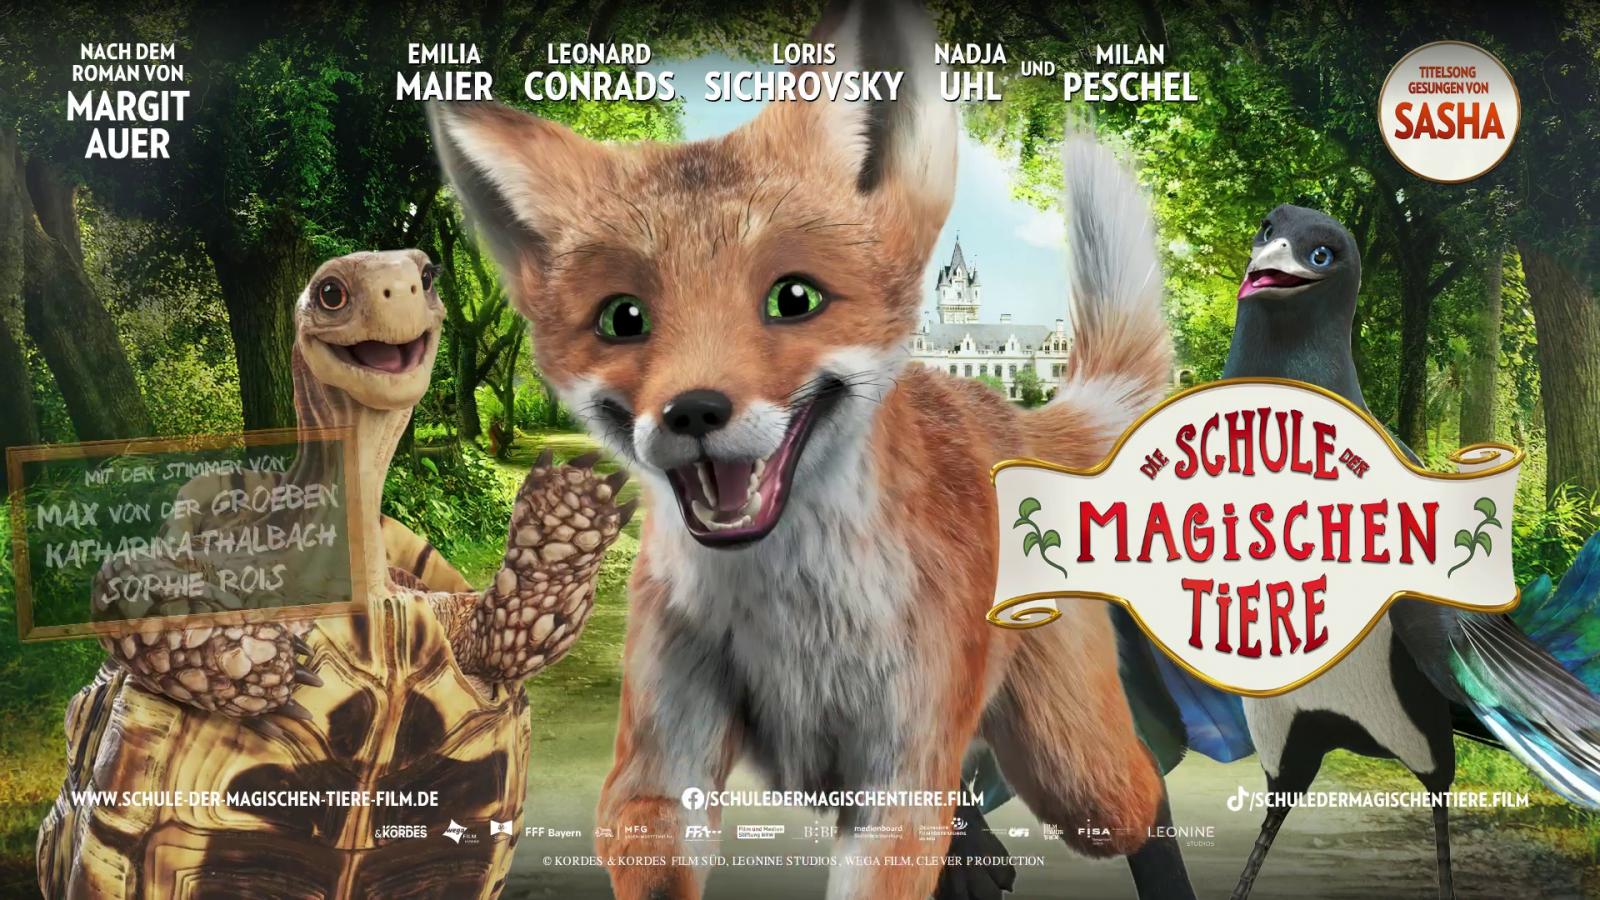 Die Schule der magischen Tiere - ab 28. Oktober bei uns im Kino!